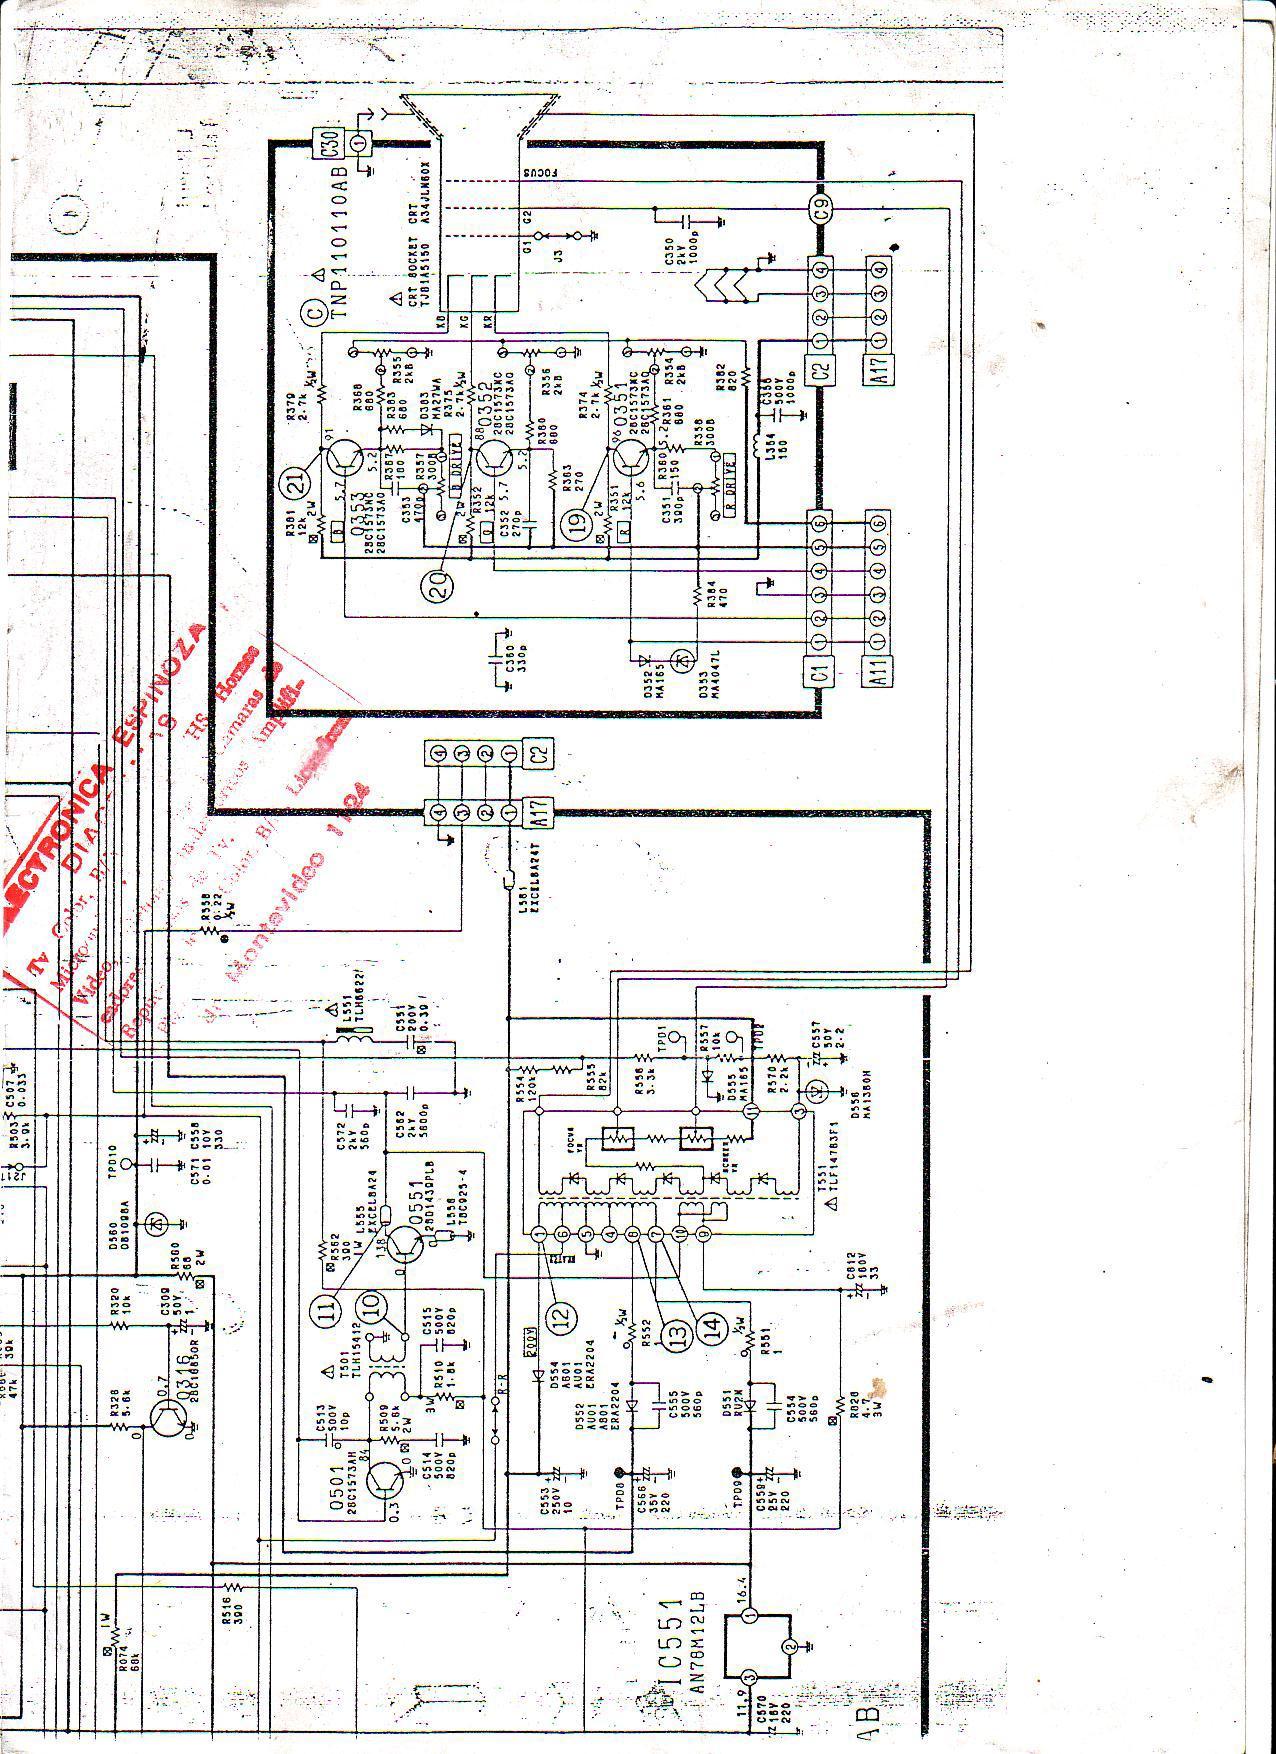 Panasonic Scan20003 jpg Diagramas de Televisores Lcd y